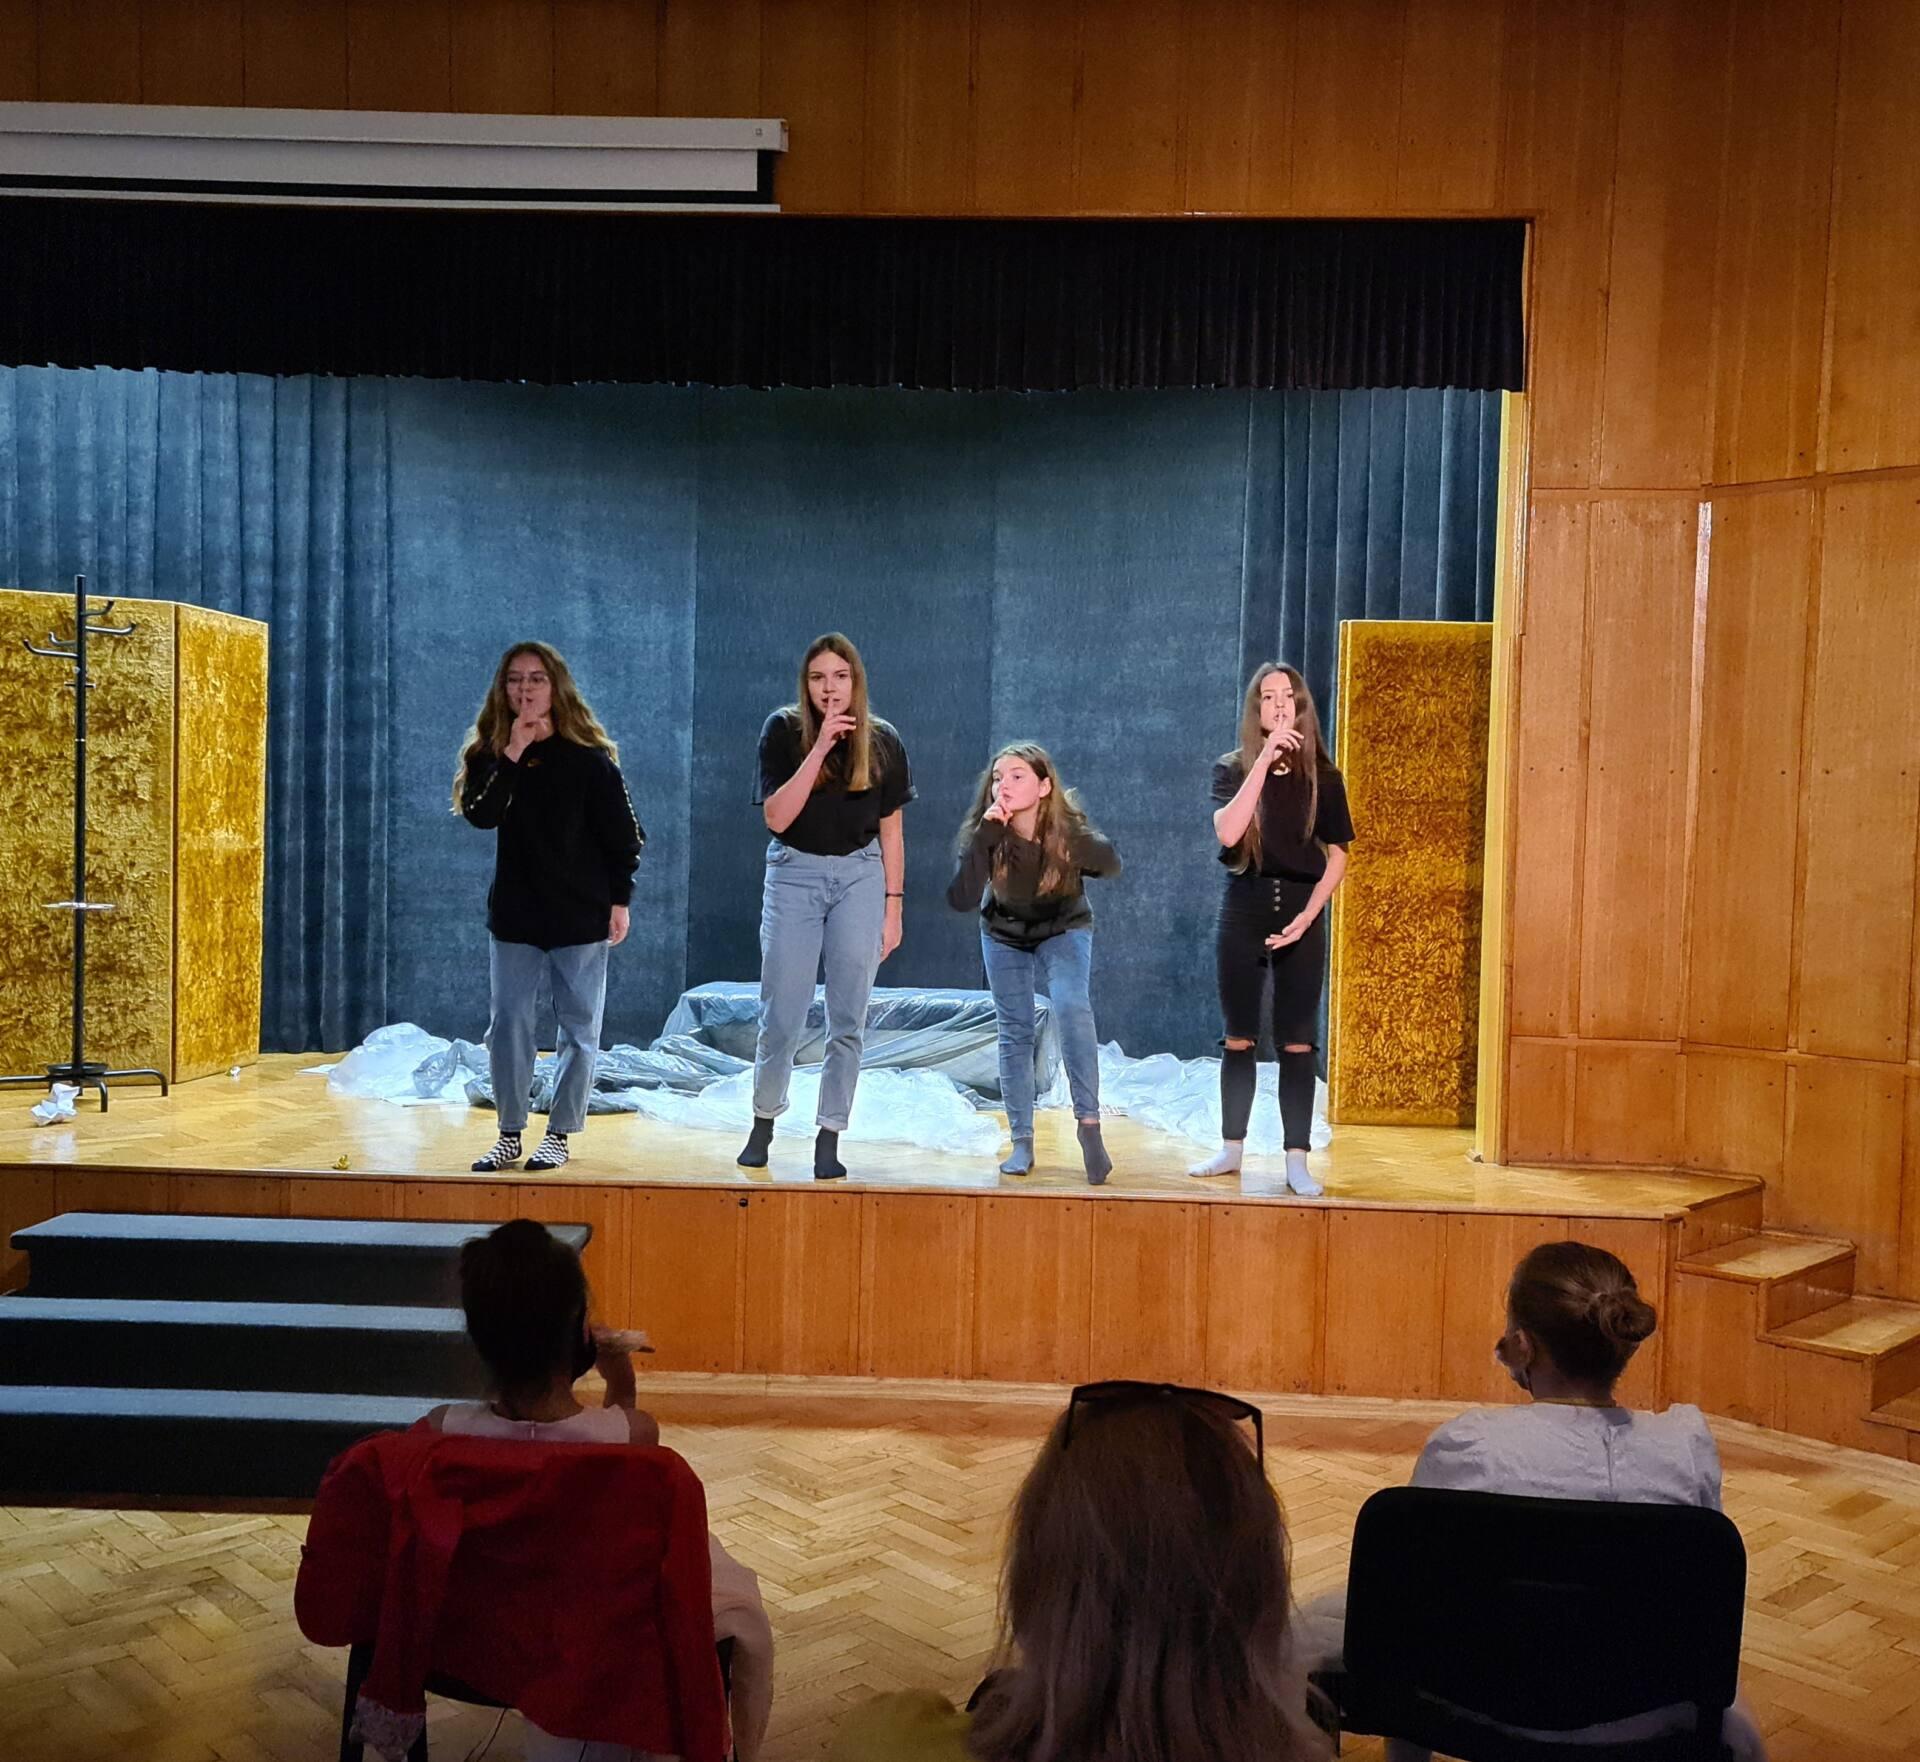 20201020 104329 Zamojskie Premiery Teatralne. Młodzi aktorzy pokazali swoje umiejętności [FOTORELACJA]